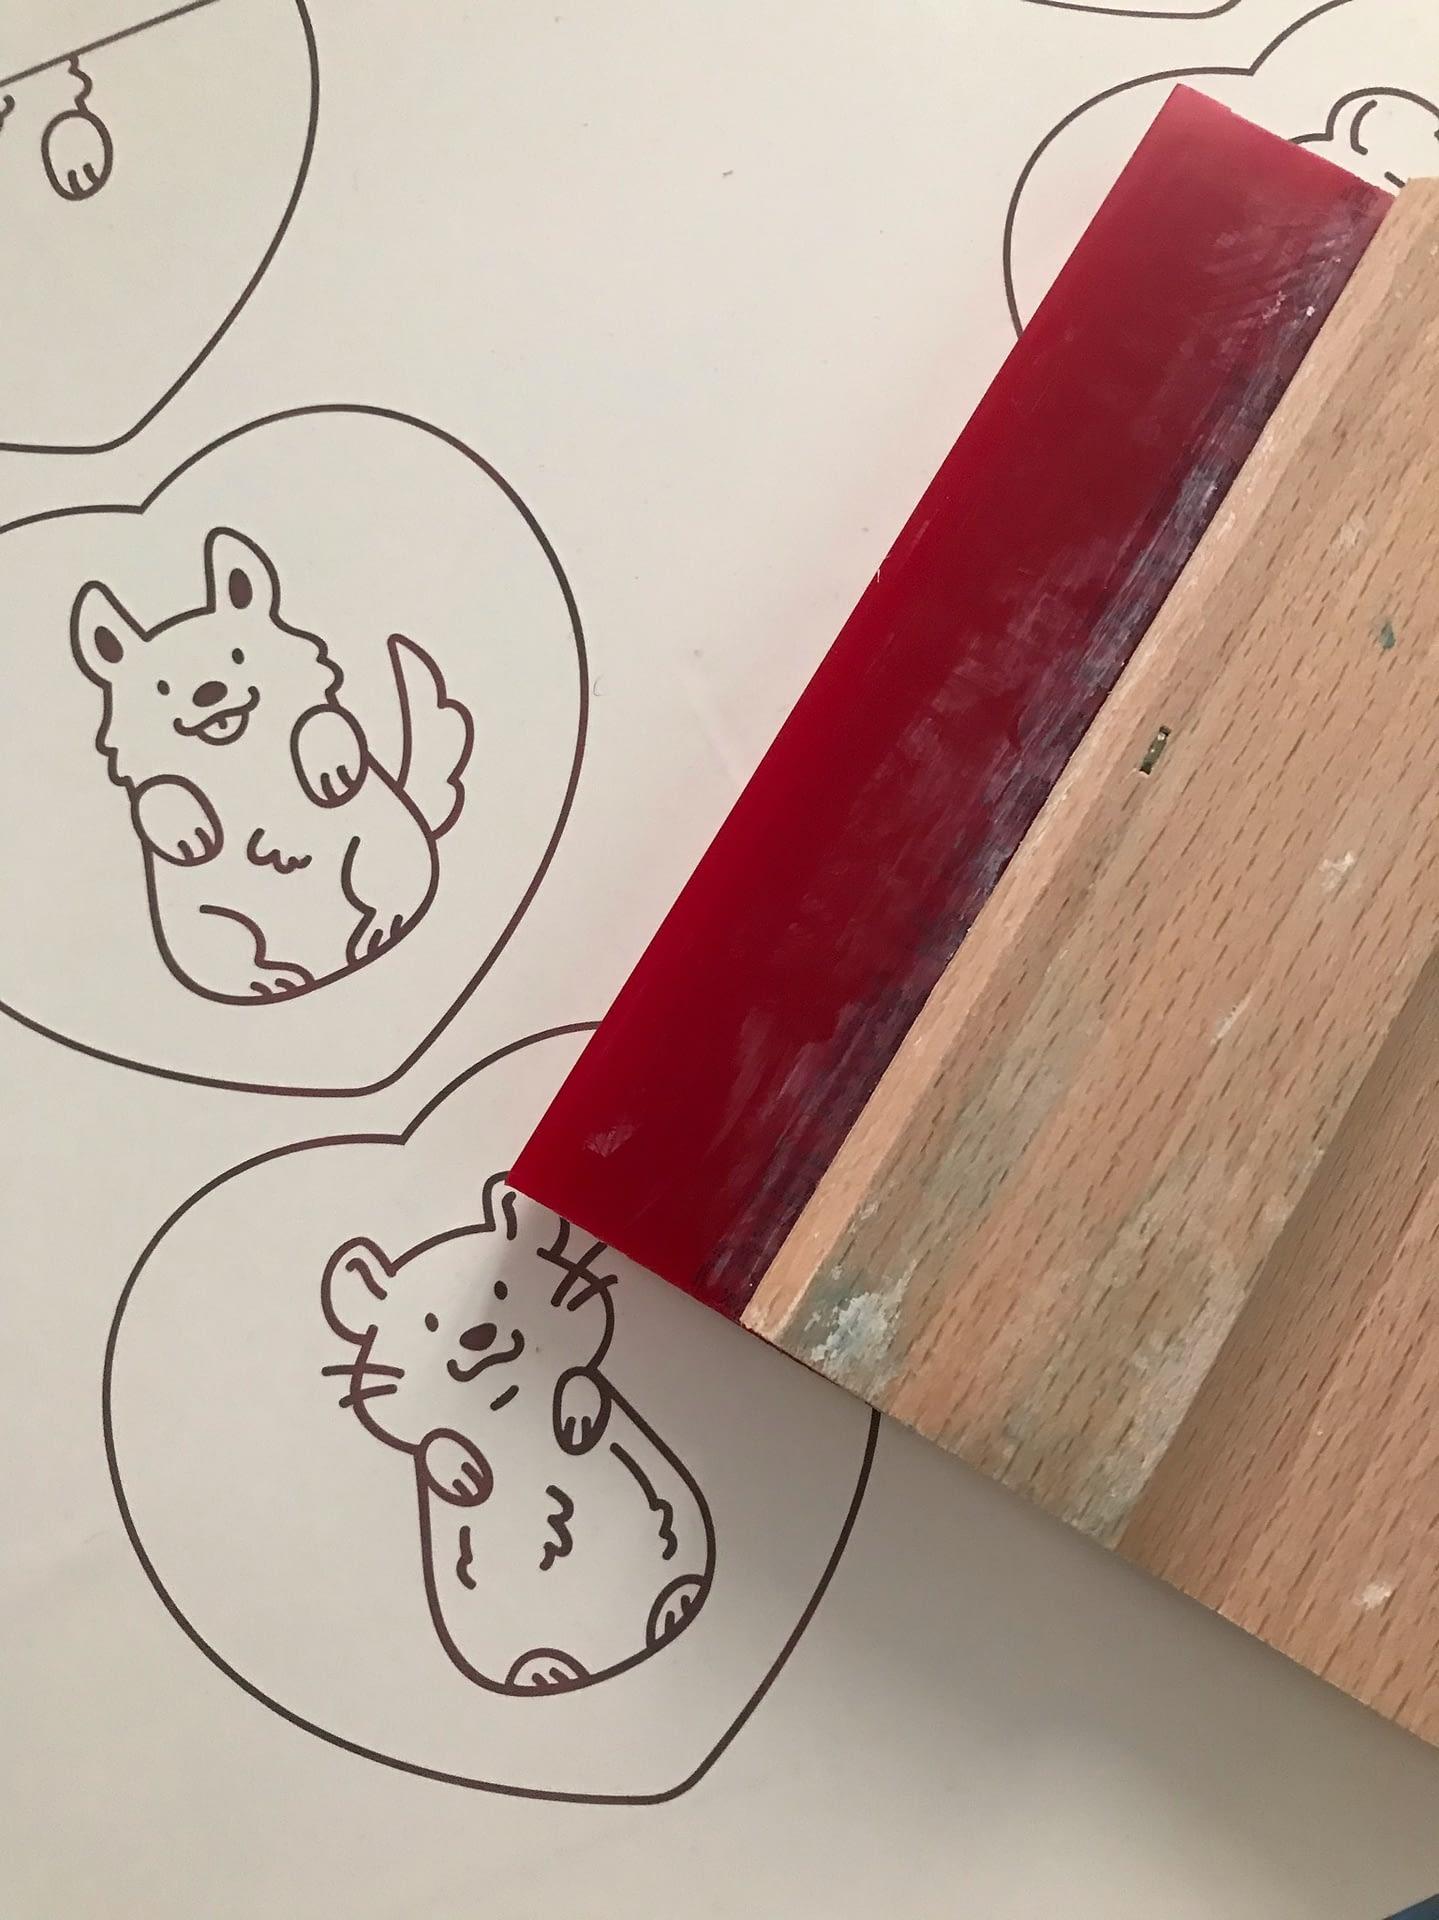 Sérigraphie d'animaux mignons pour créer des broches, spécial Saint Valentin